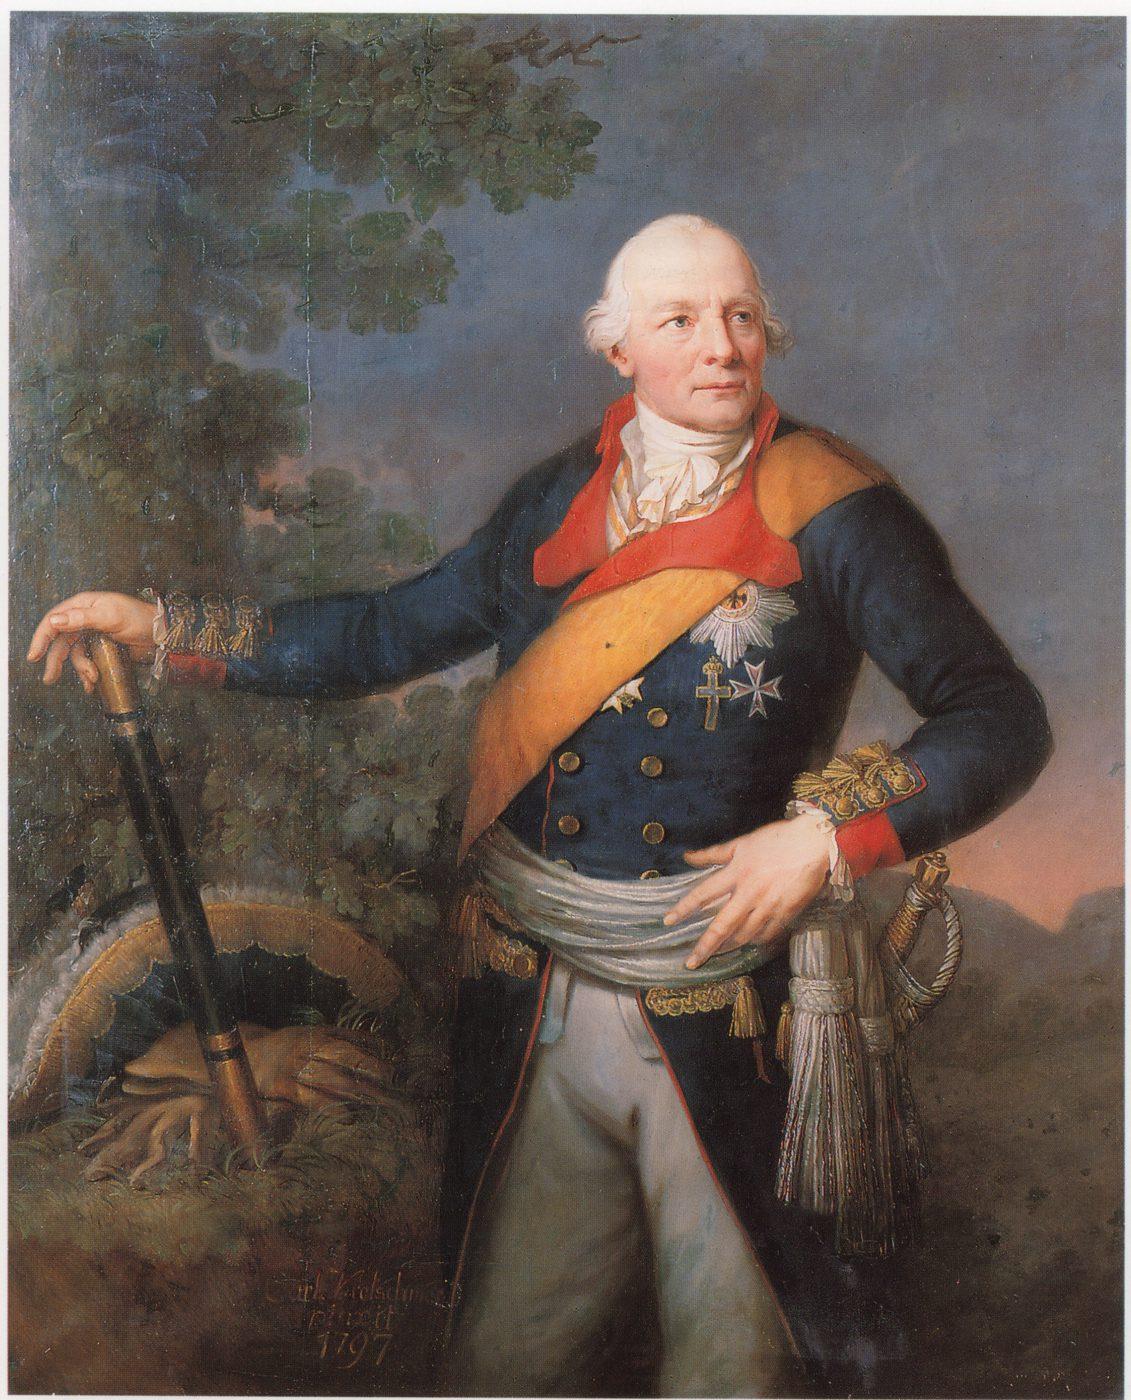 Wichard von Moellendorff. Gemälde von Carl Kretschmar